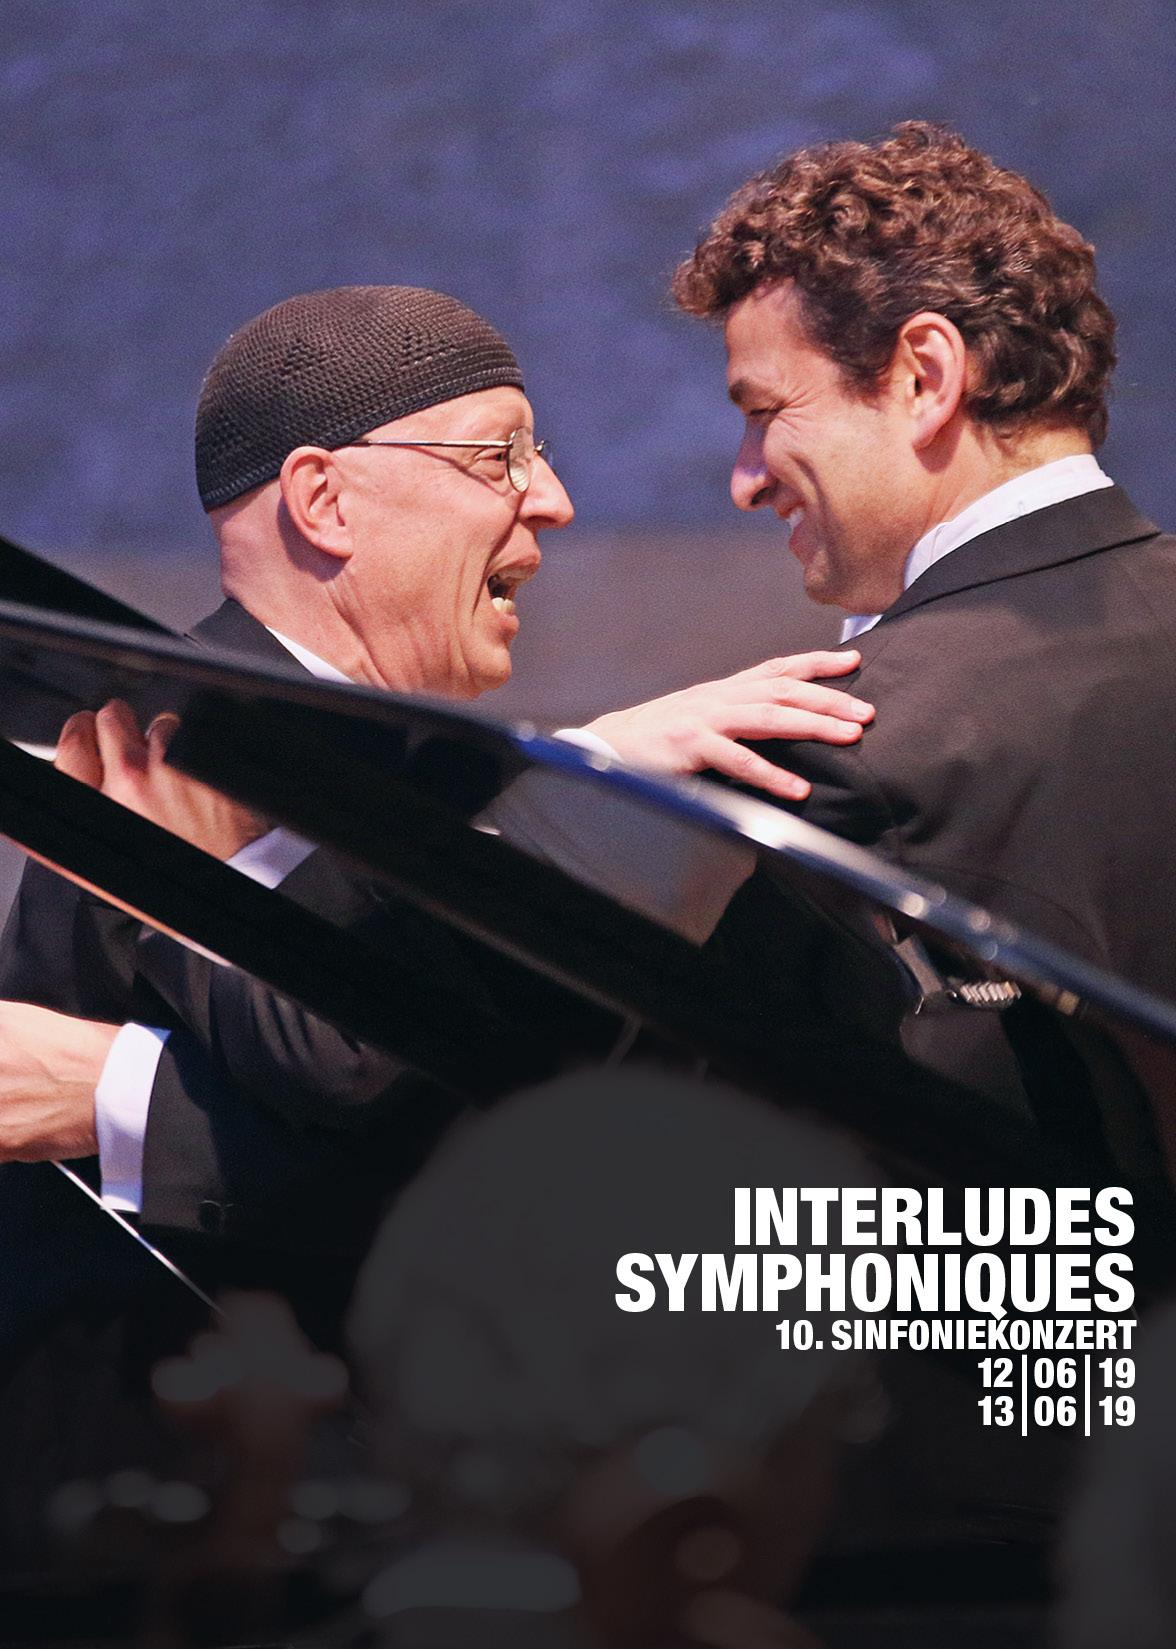 Interludes Symphoniques